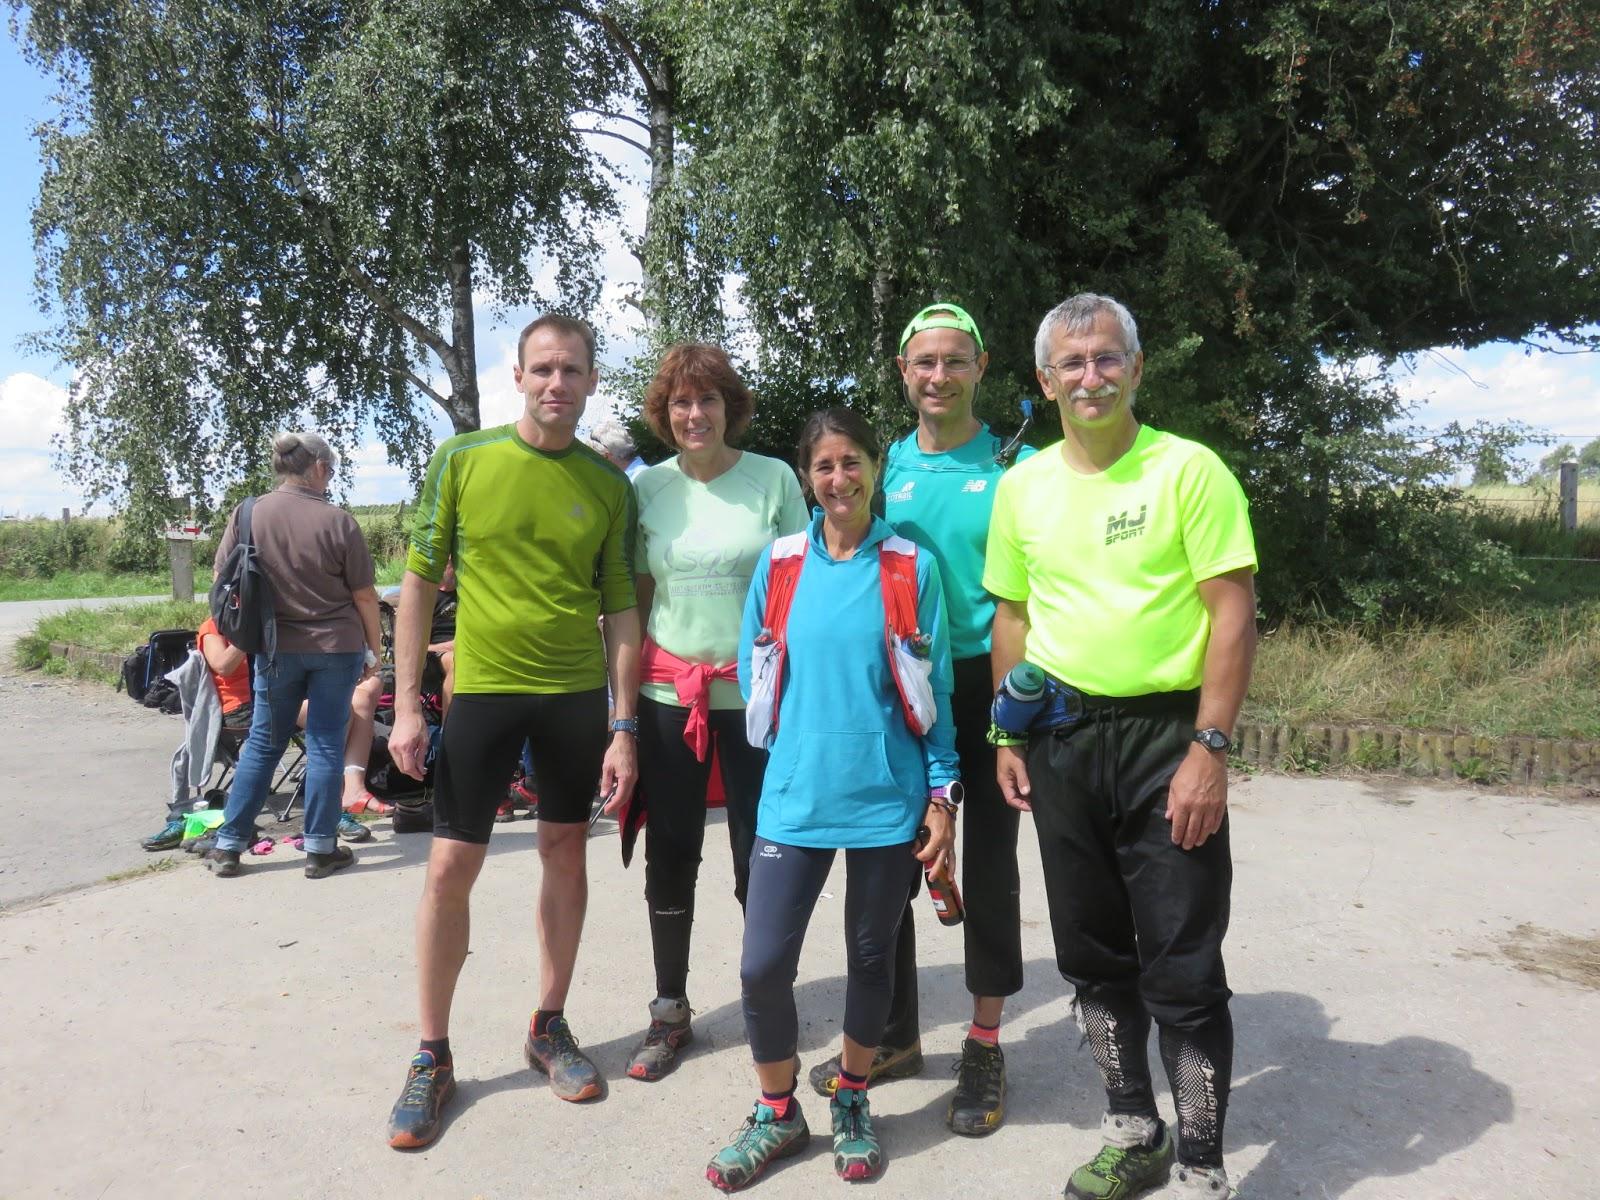 Les Maratouristes DREUX 28: CO à SPA Pour La Marieteam